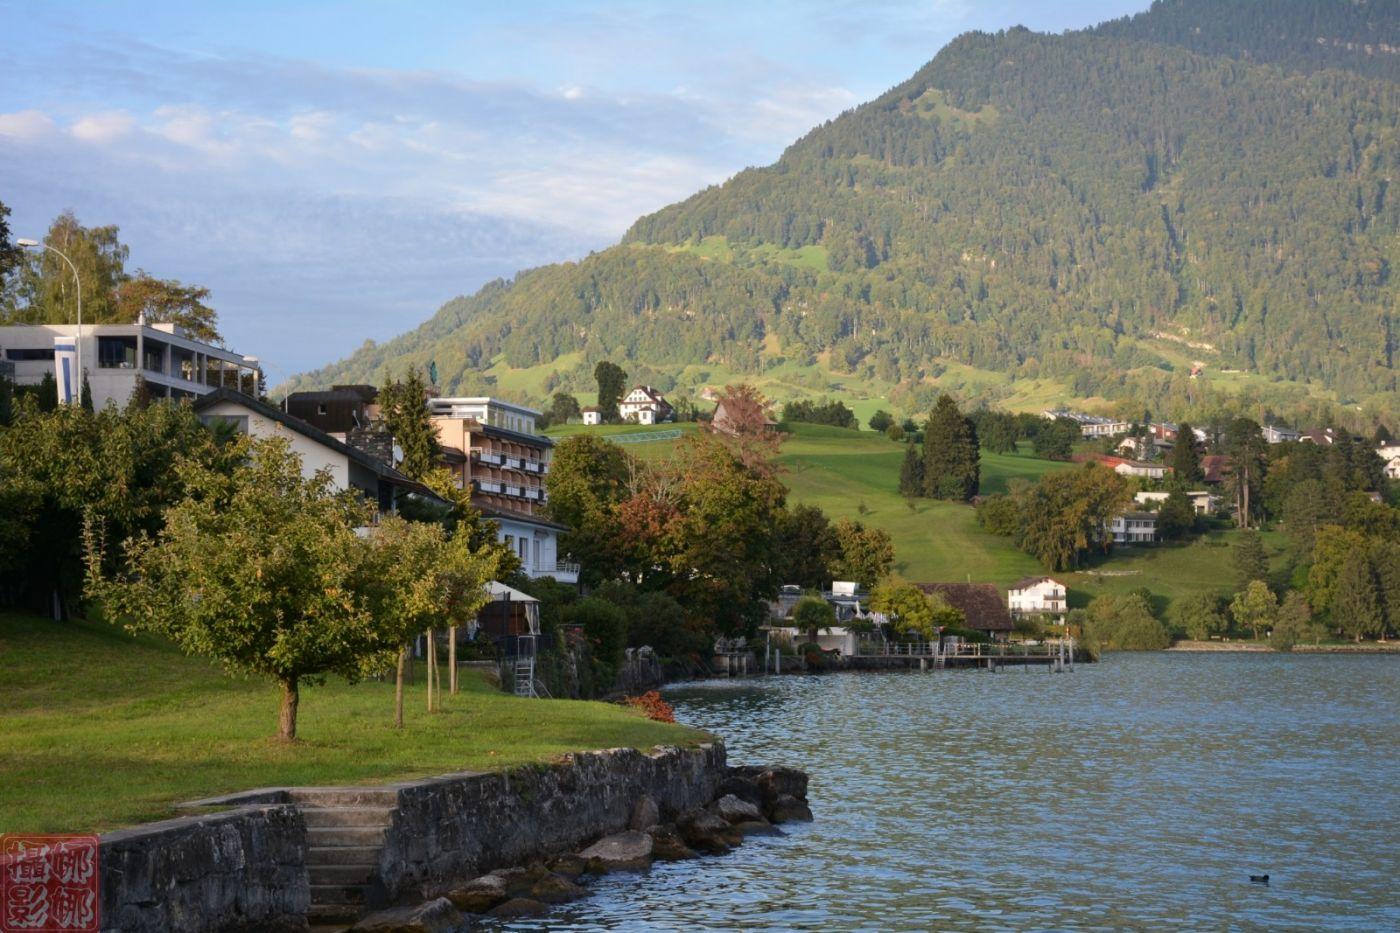 瑞士卢塞恩湖畔风光(二)_图1-8